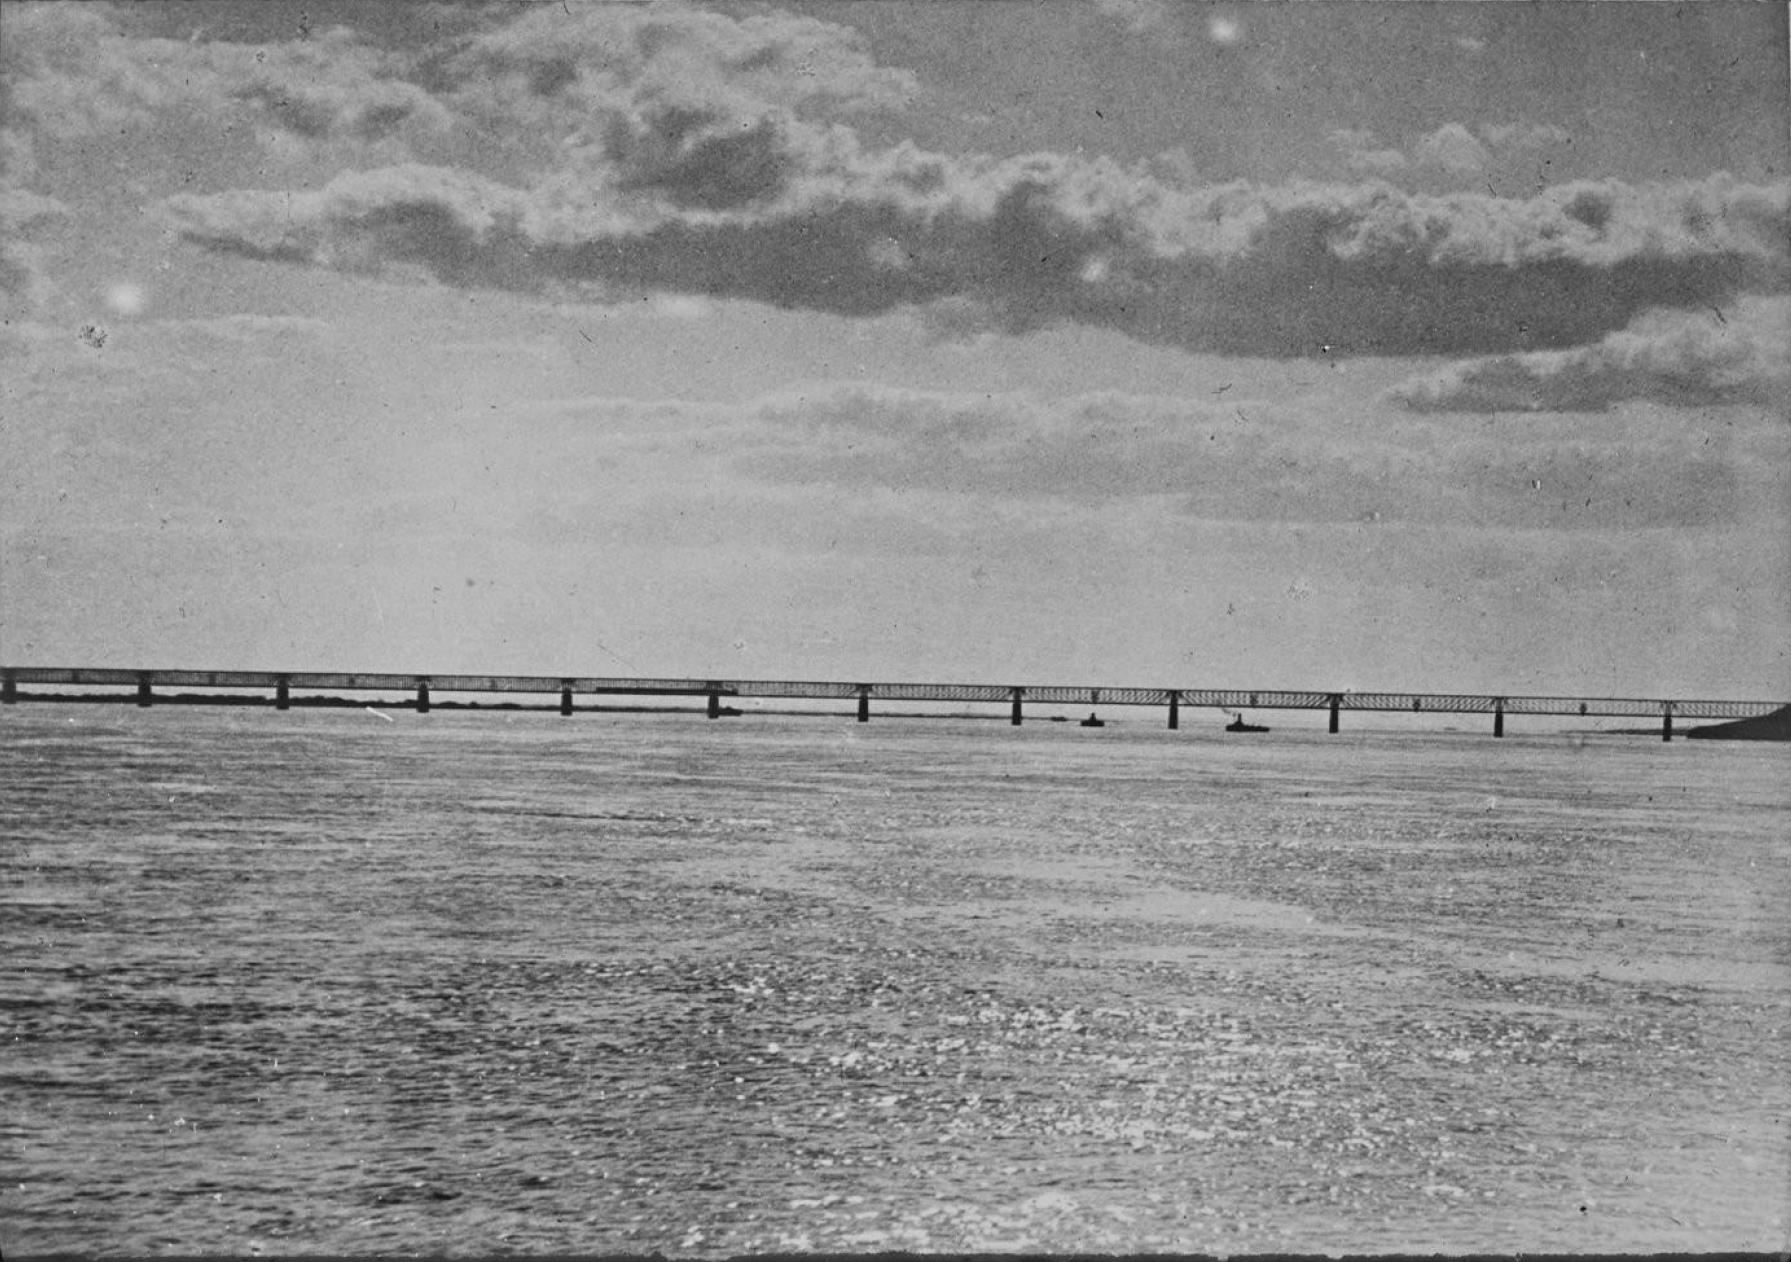 Симбирская губерния. Окрестности Сызрани. Мост через Волгу